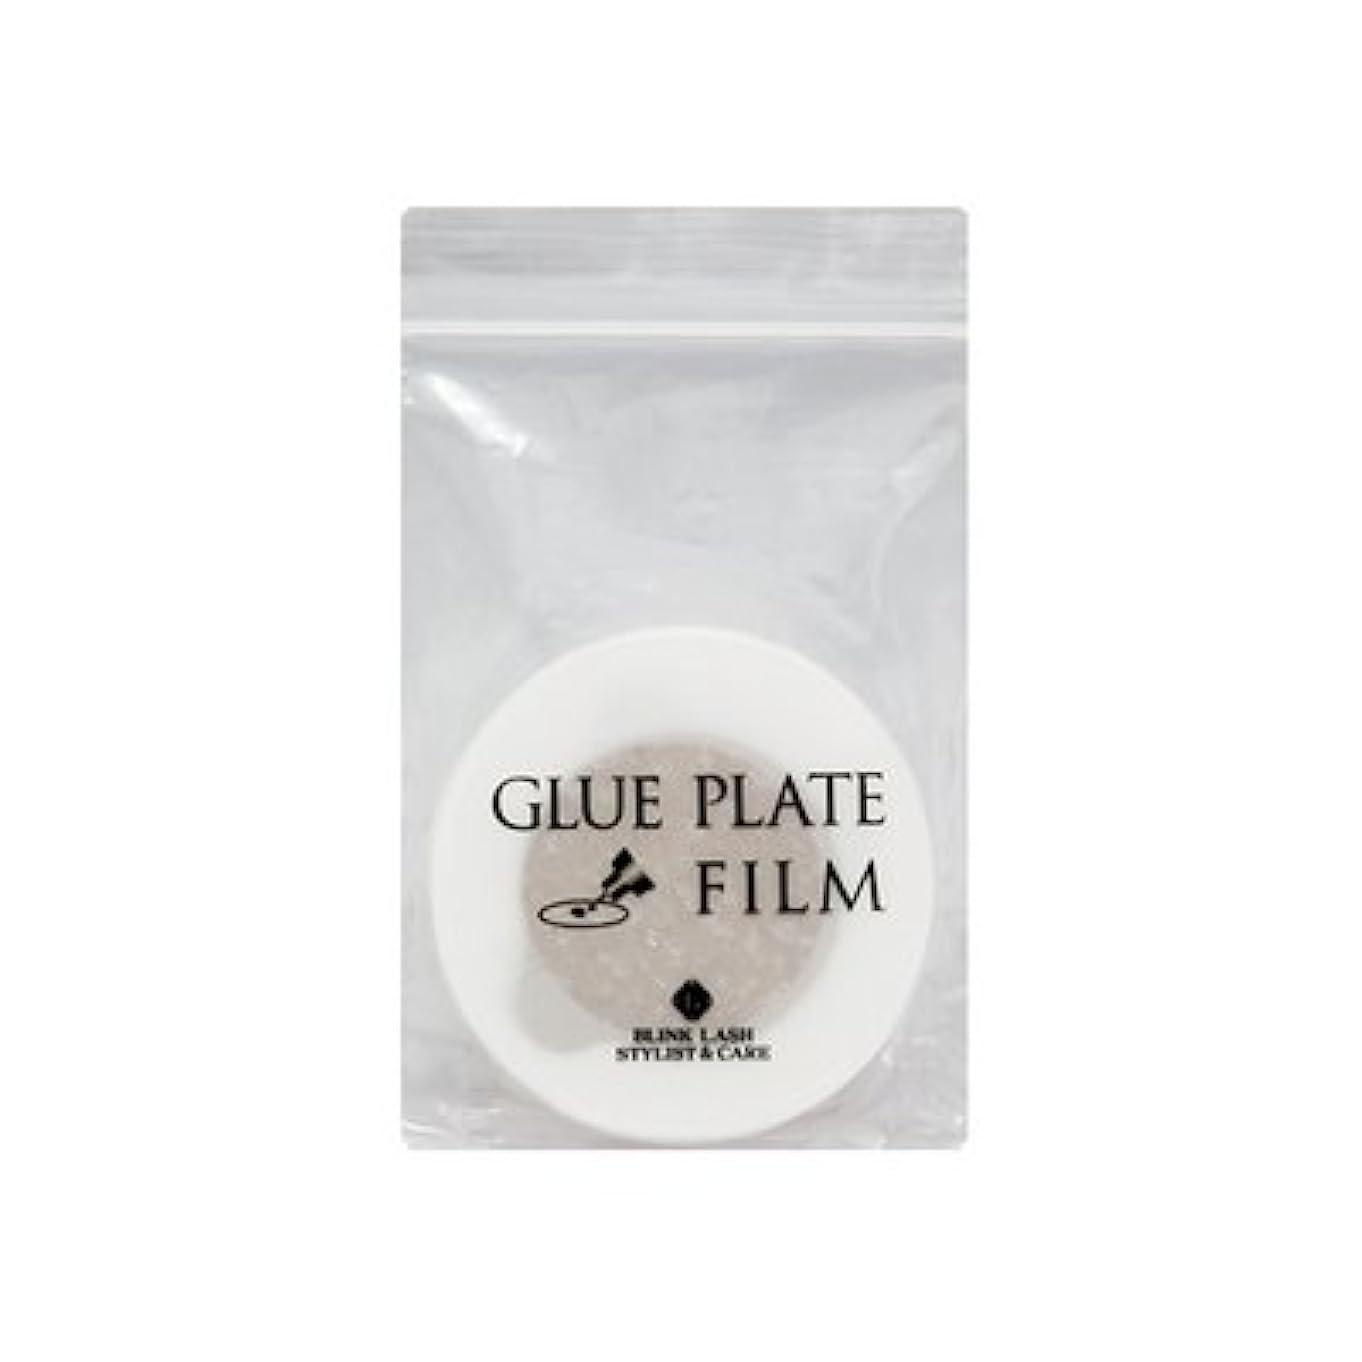 富豪岩水っぽい【まつげエクステ】BLINK グループレートフィルム〈 30枚入 〉 (50mm)